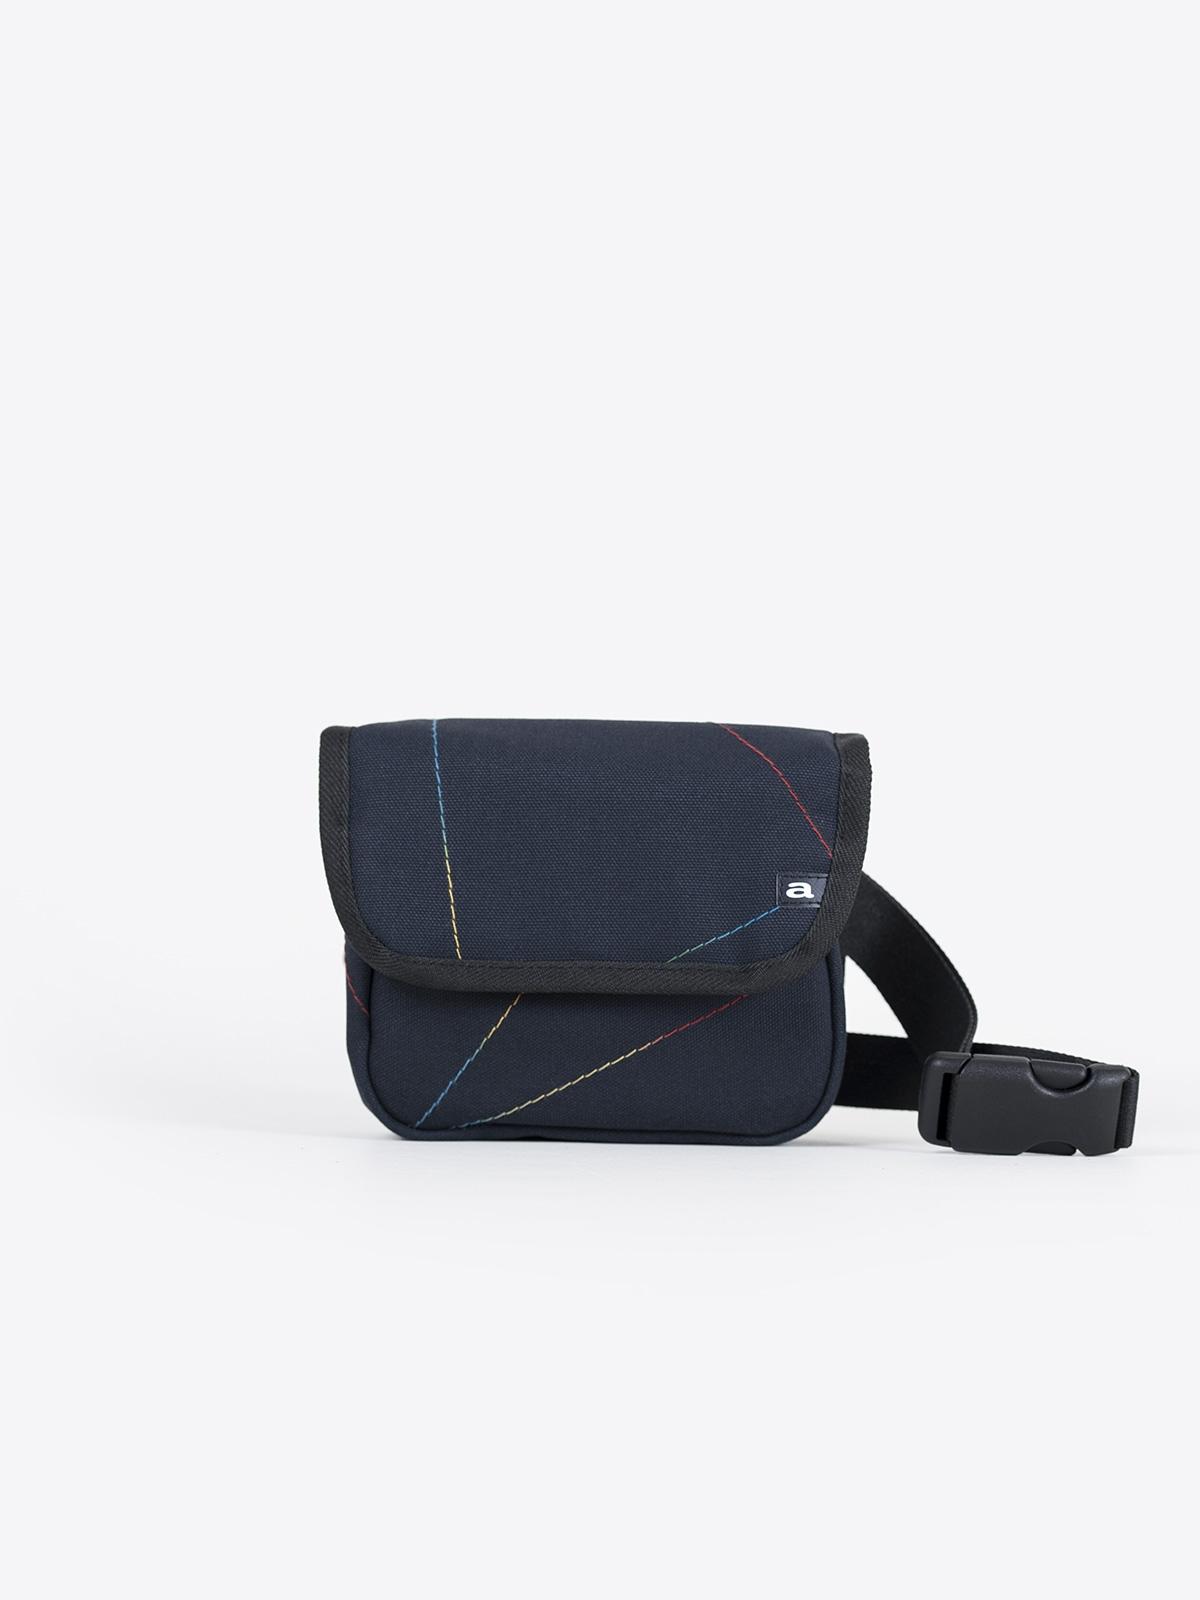 airbag craftworks zip | easy stitch | rainbow